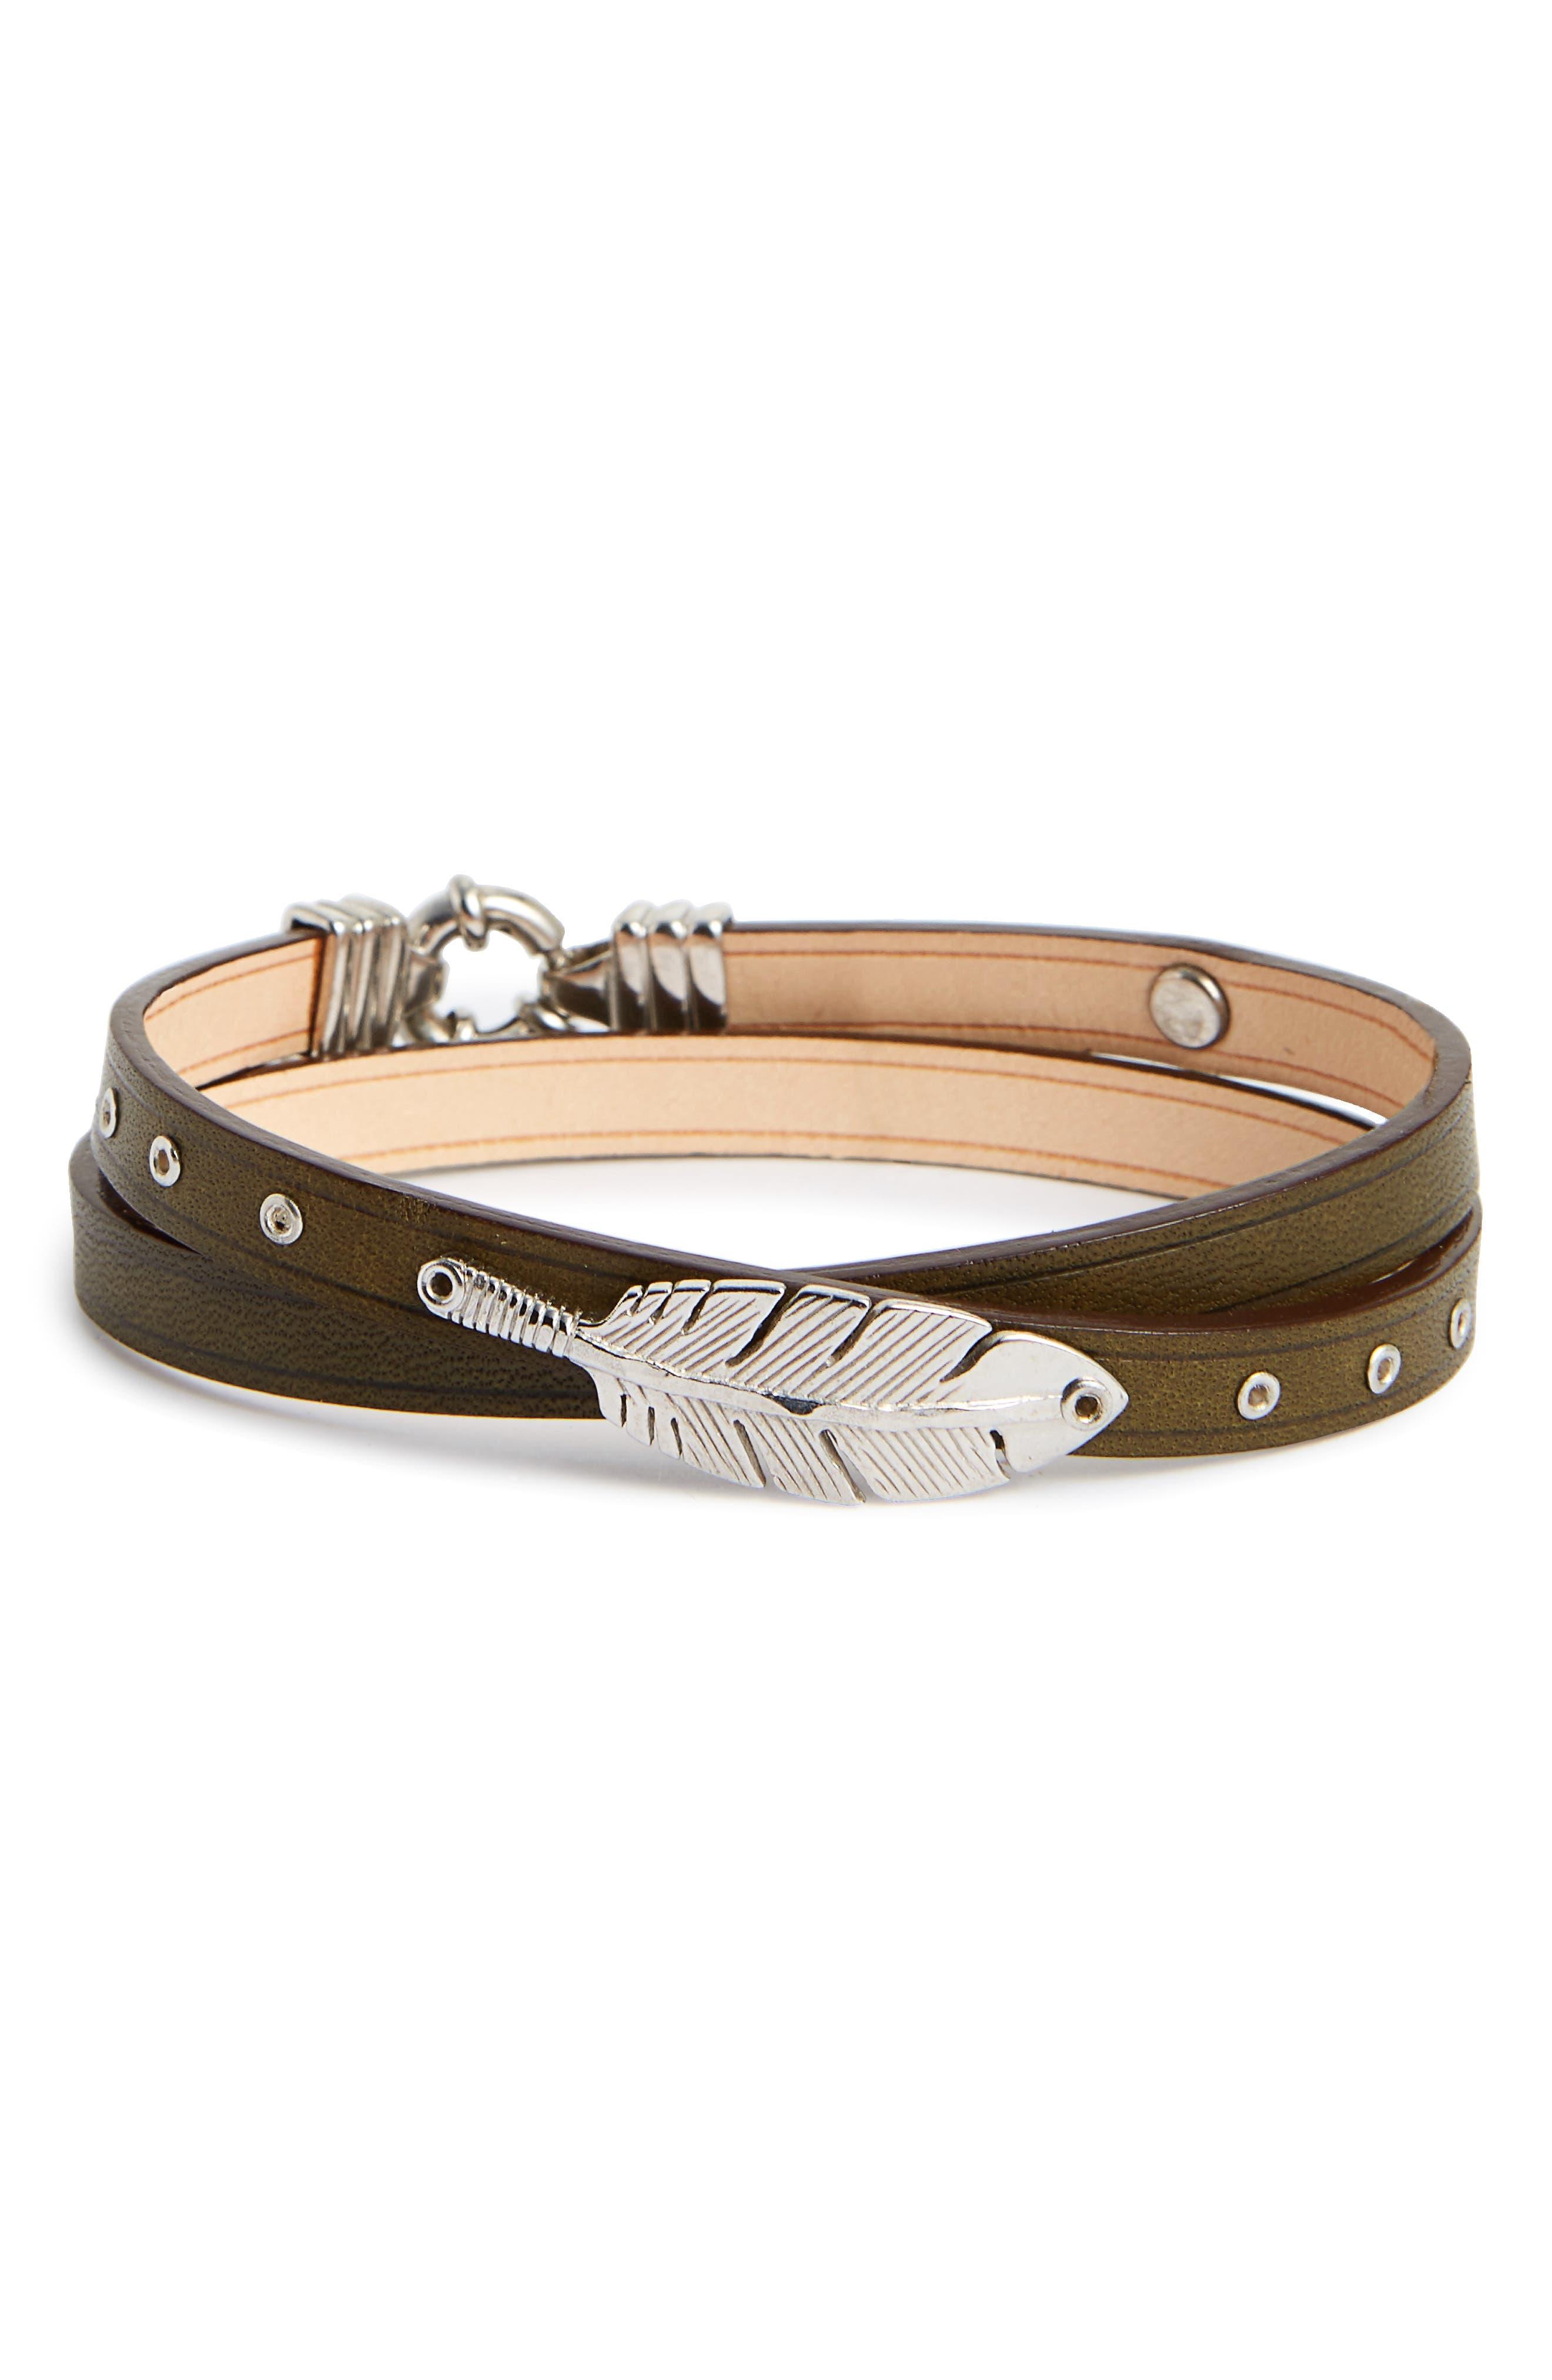 Penna Leather Wrap Bracelet,                             Main thumbnail 1, color,                             200